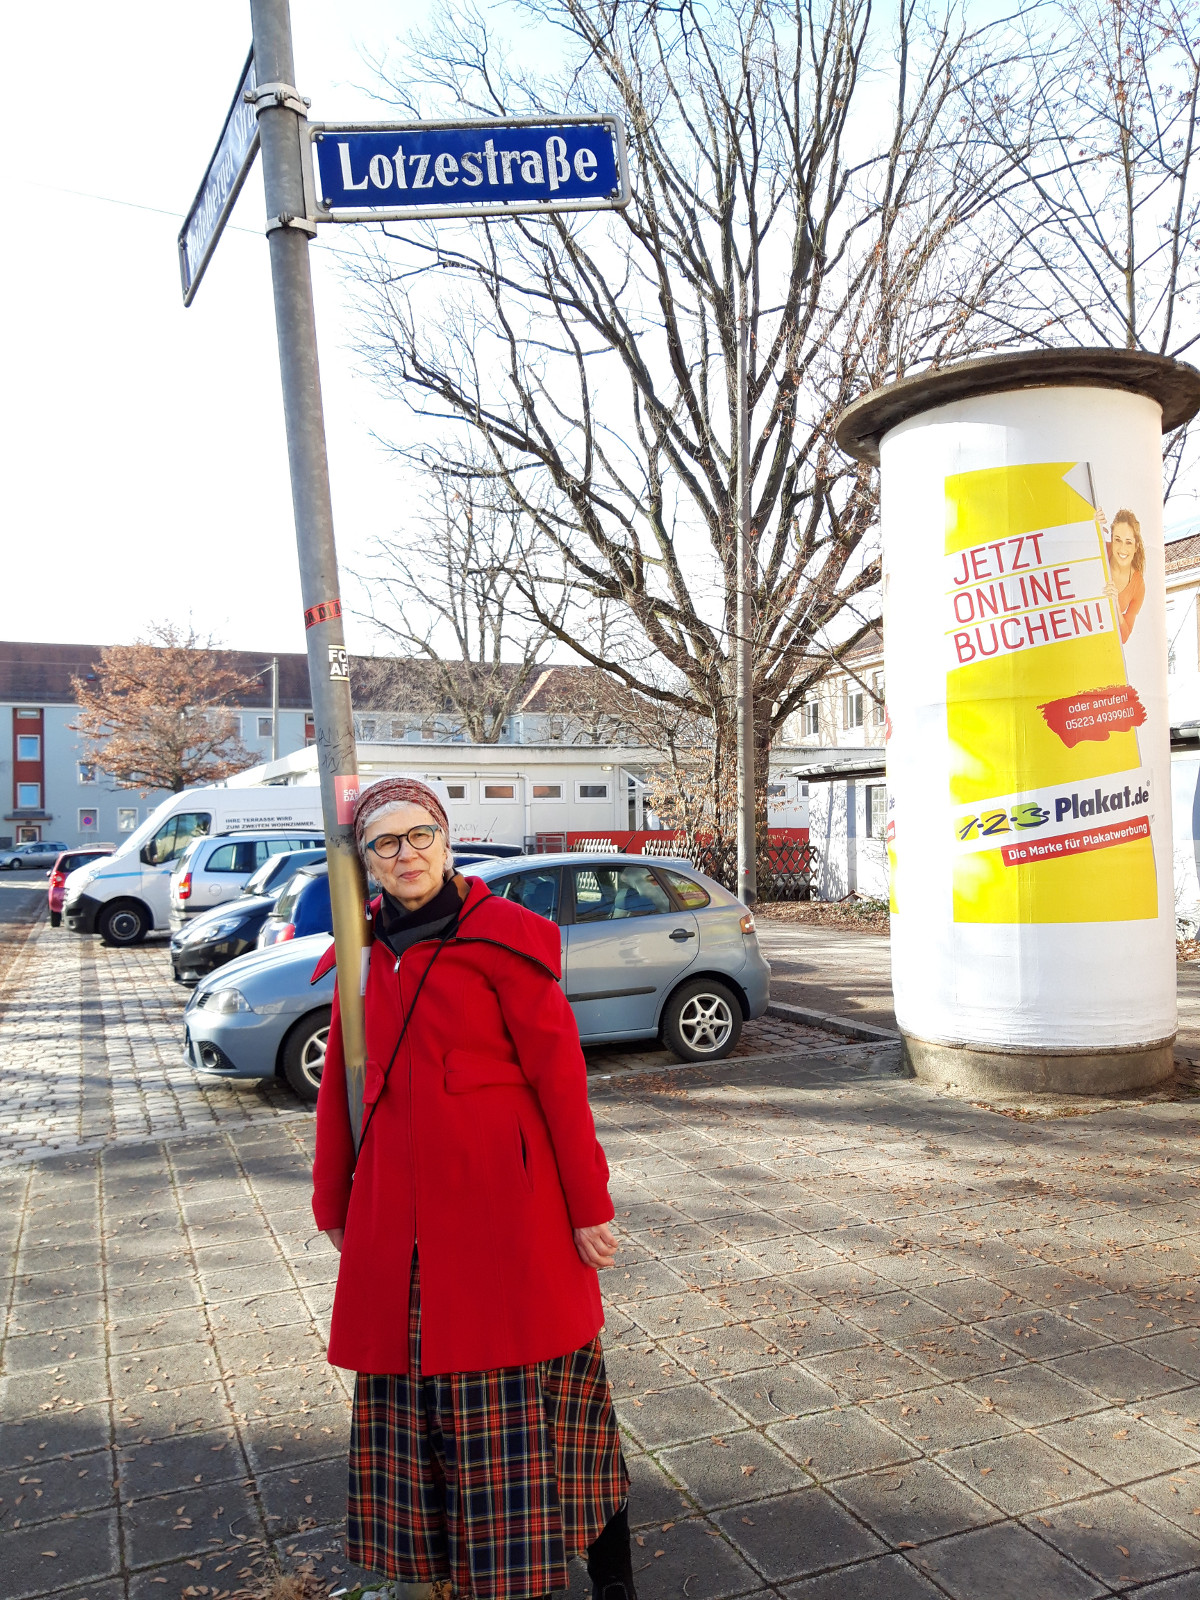 2021-04-30-02-31-22-6Geli_in_Lotzestrasse.jpg - Atelier Haberbosch Nürnberg